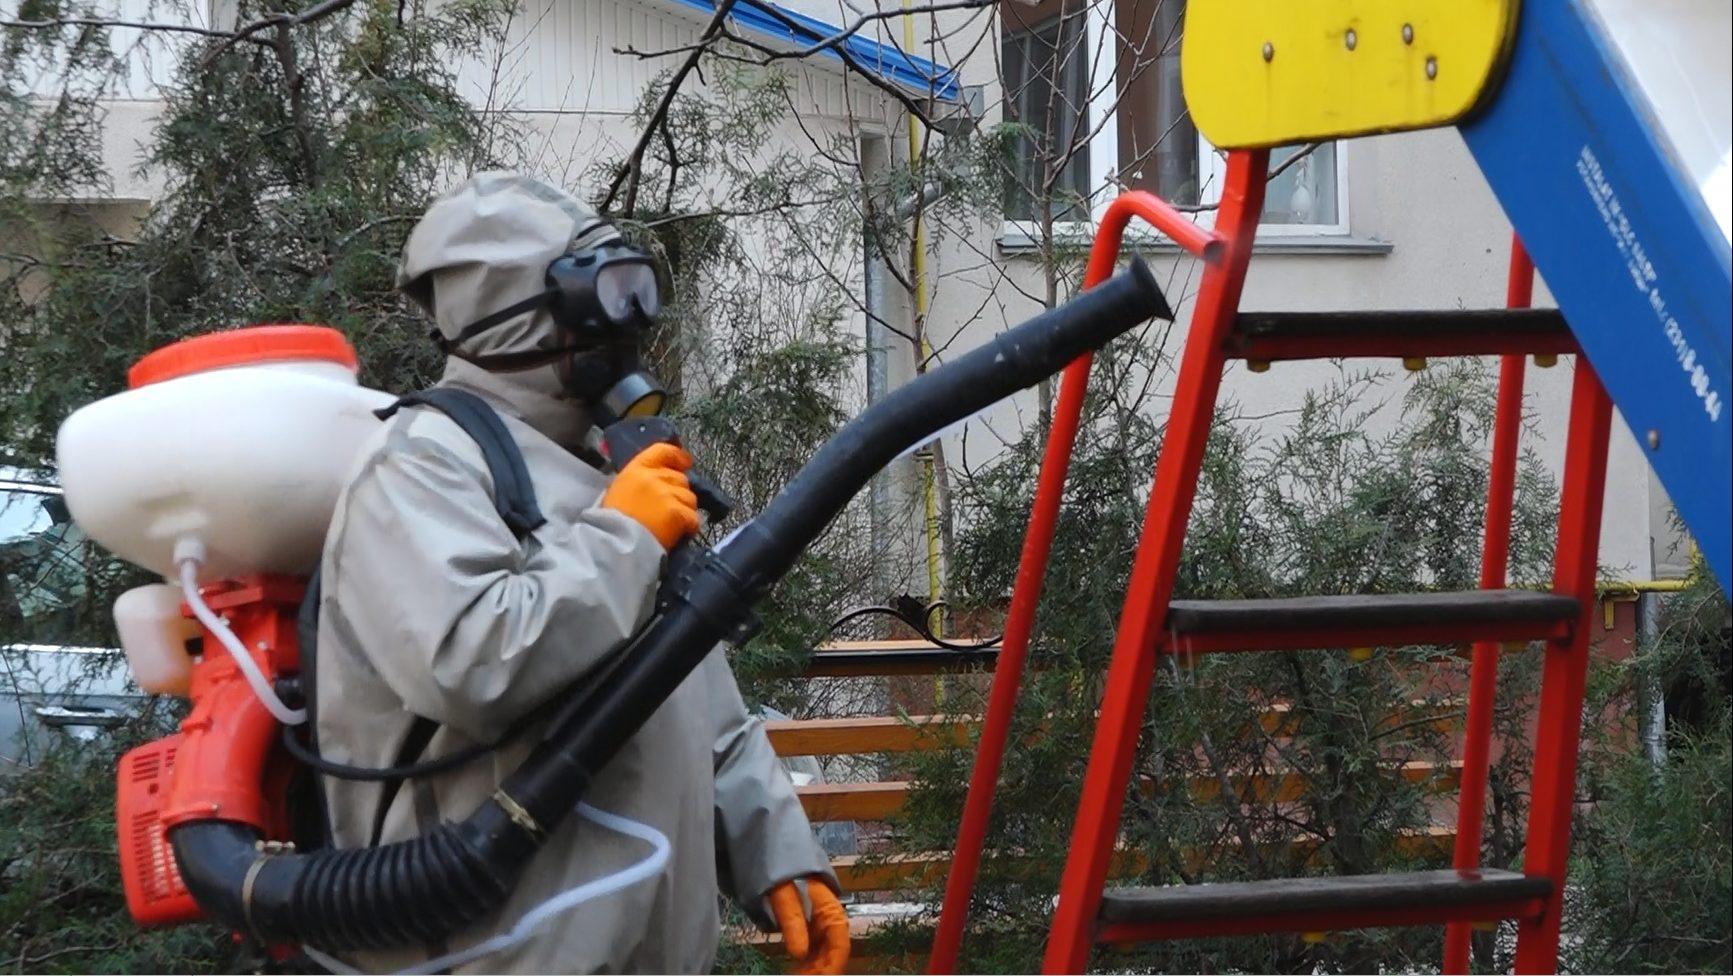 VIDEO   Lucrările de dezinfecție durează la Bălți. Au fost dezinfectate 70 de terenuri de joacă pentru copii și mai multe curți de bloc